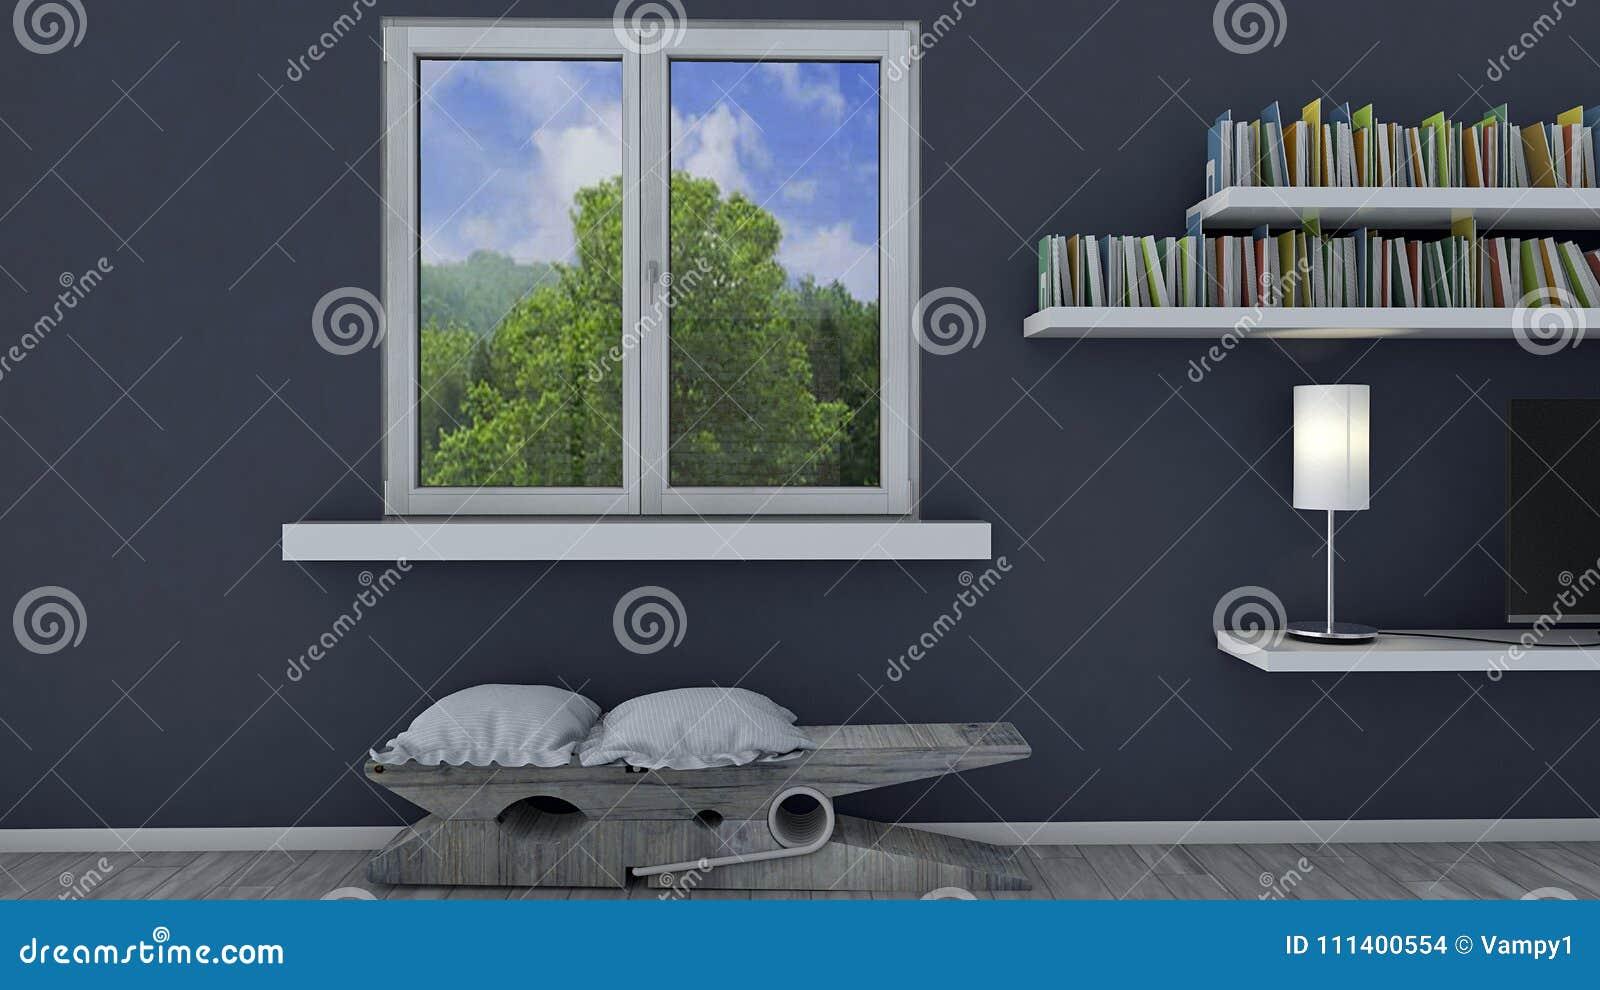 Download Innenarchitektur, Wohnzimmer Und Moderne Möbel, Fenster, Das Einen  Park übersieht Prestigevolles Penthaus